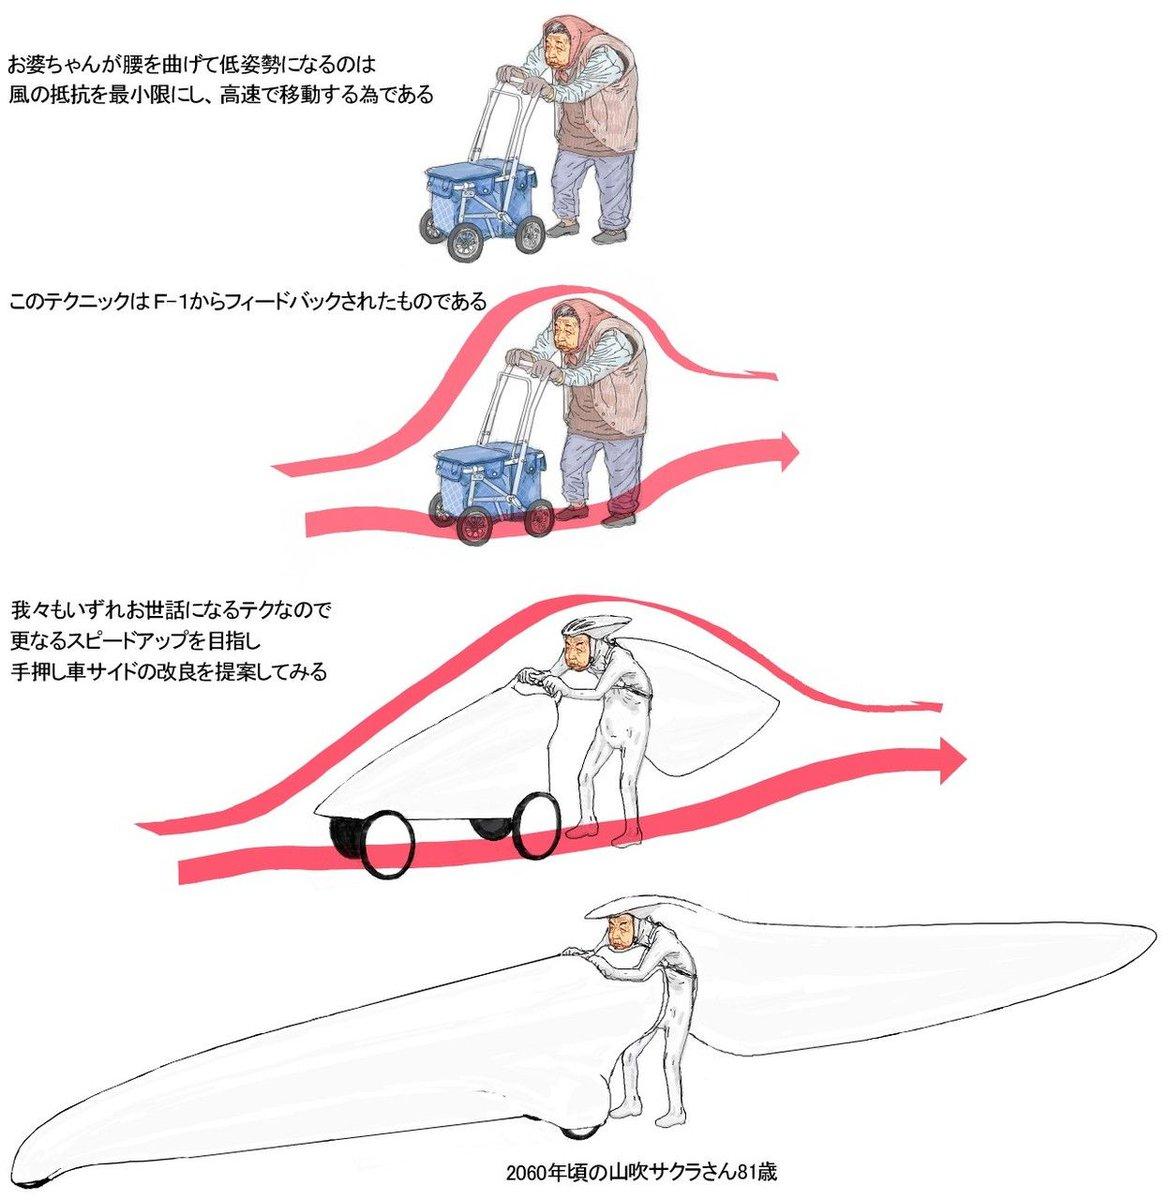 お婆ちゃんかっこよすぎでしょw空気抵抗を説明するこのイラストおかしい